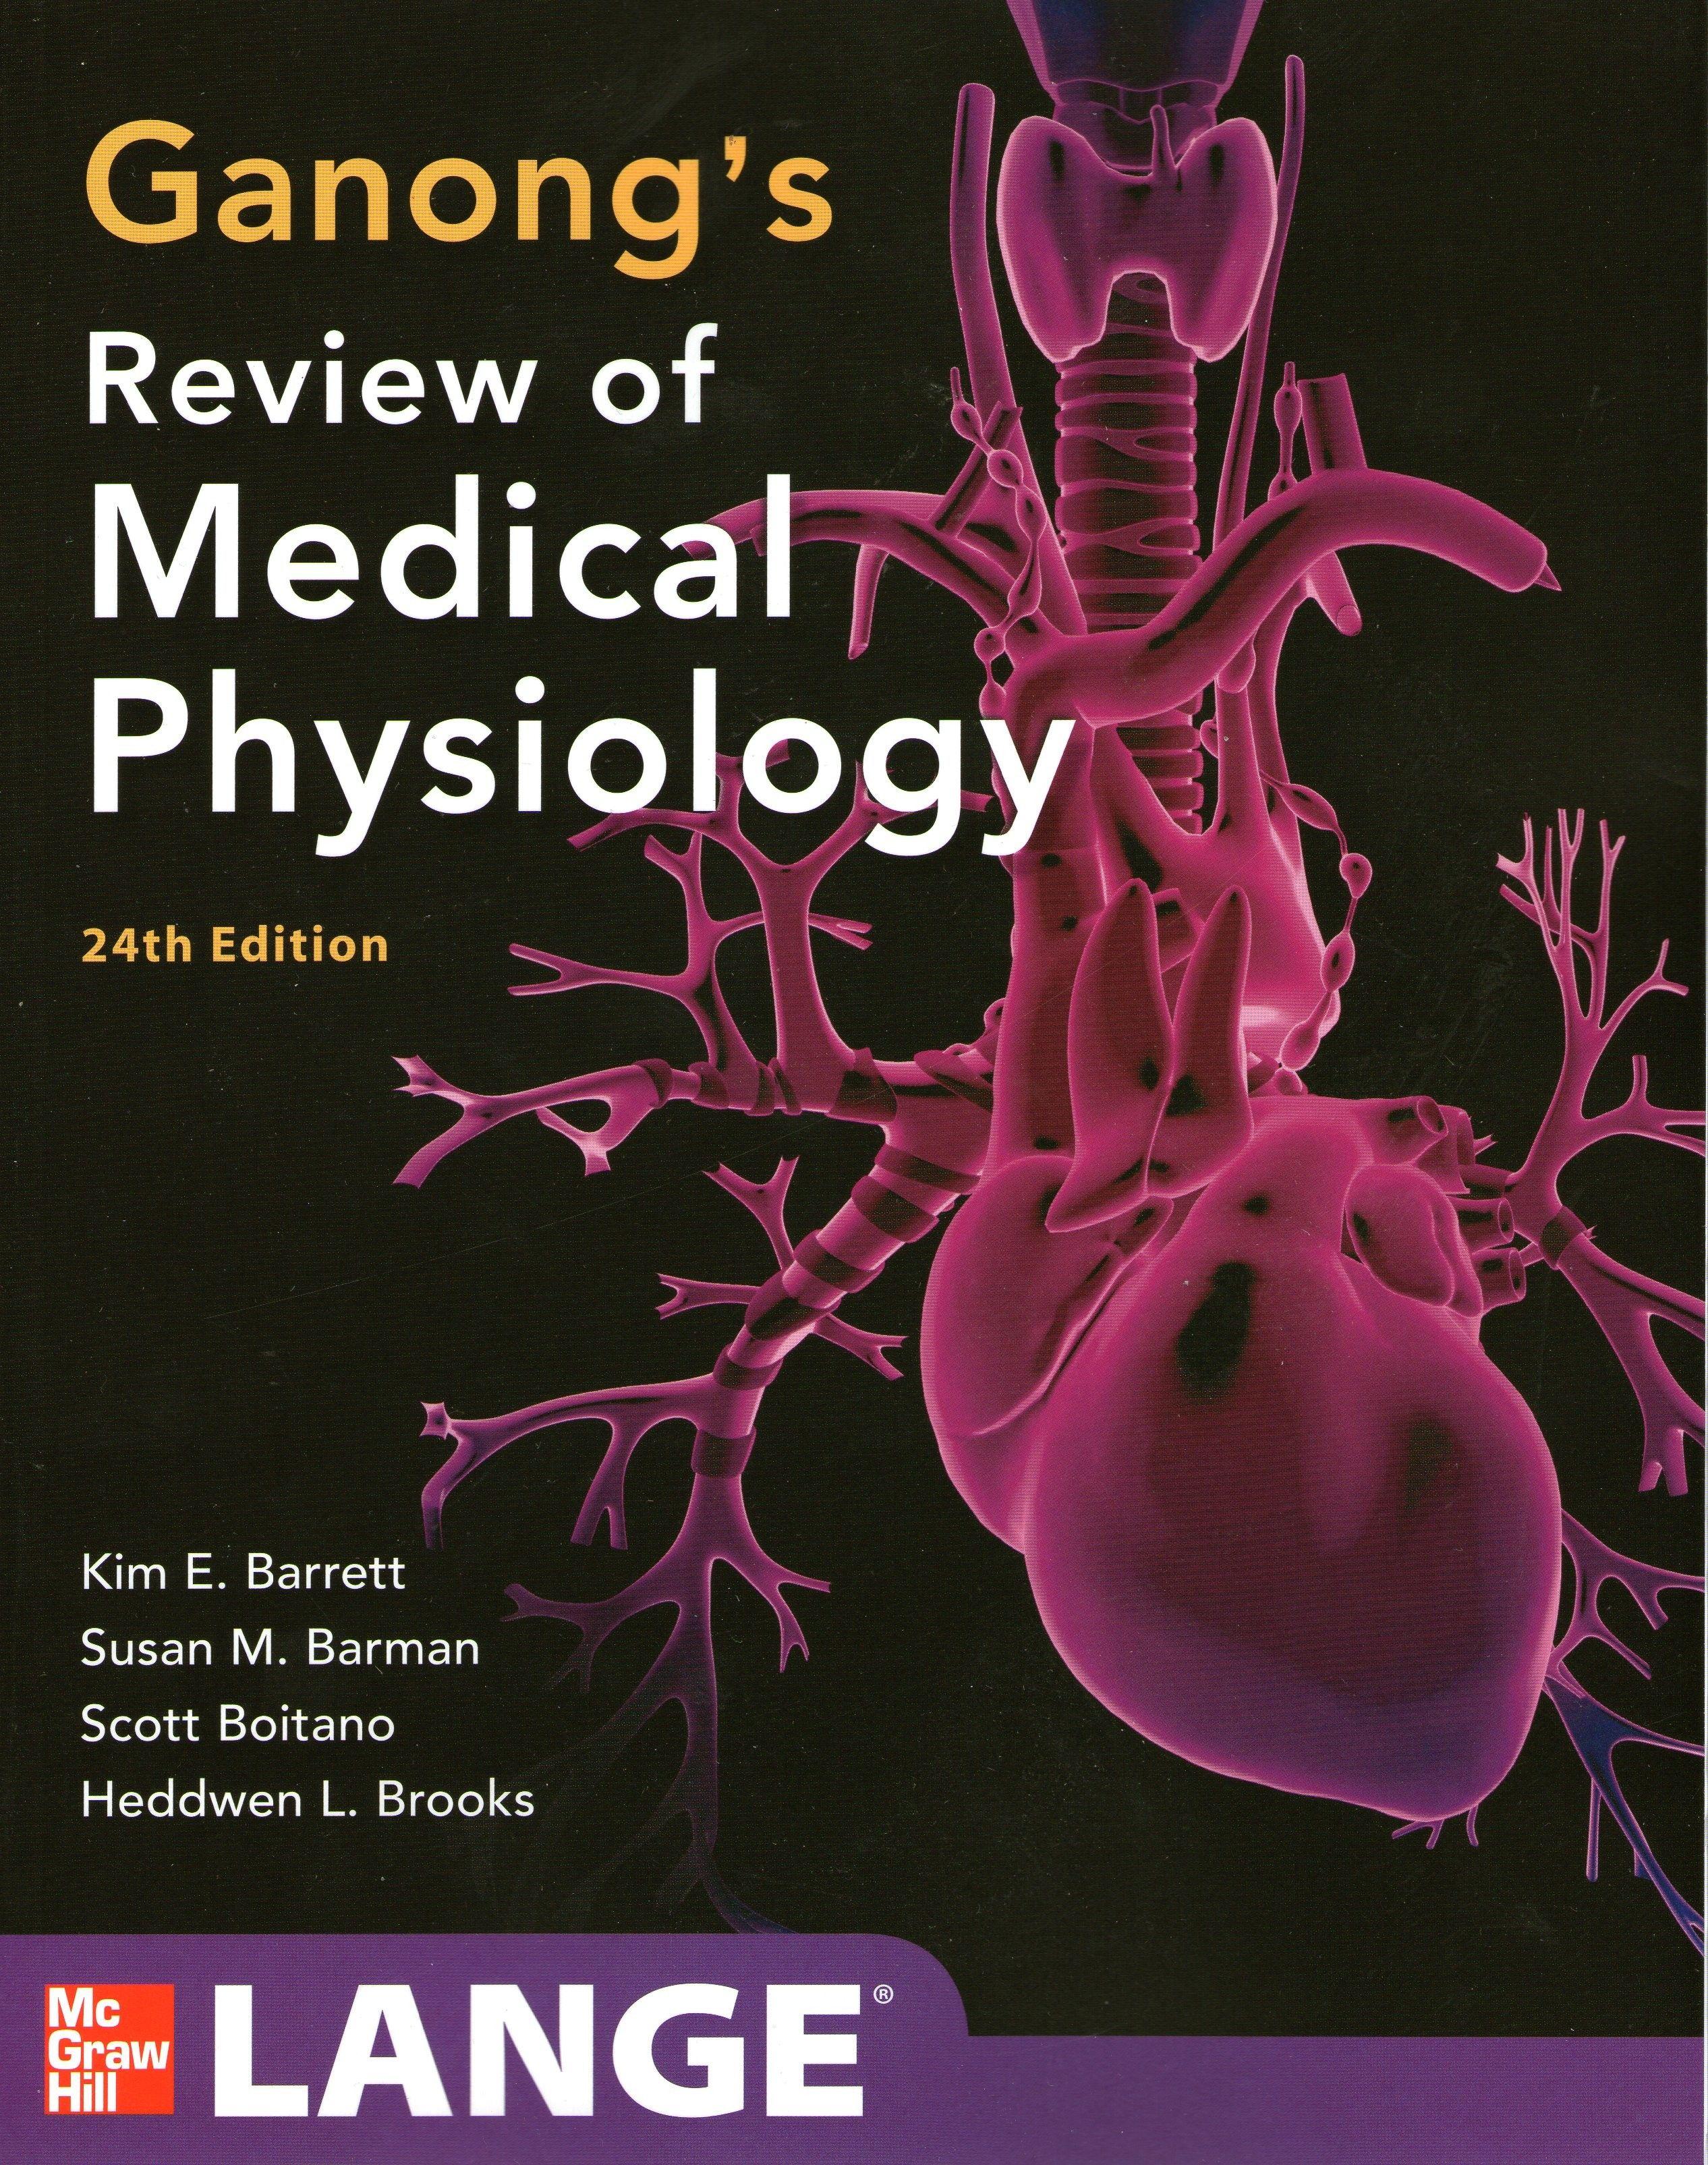 Fisiología médica / Ganong ; Kim E. Barrett... [et al.] | Medicina ...